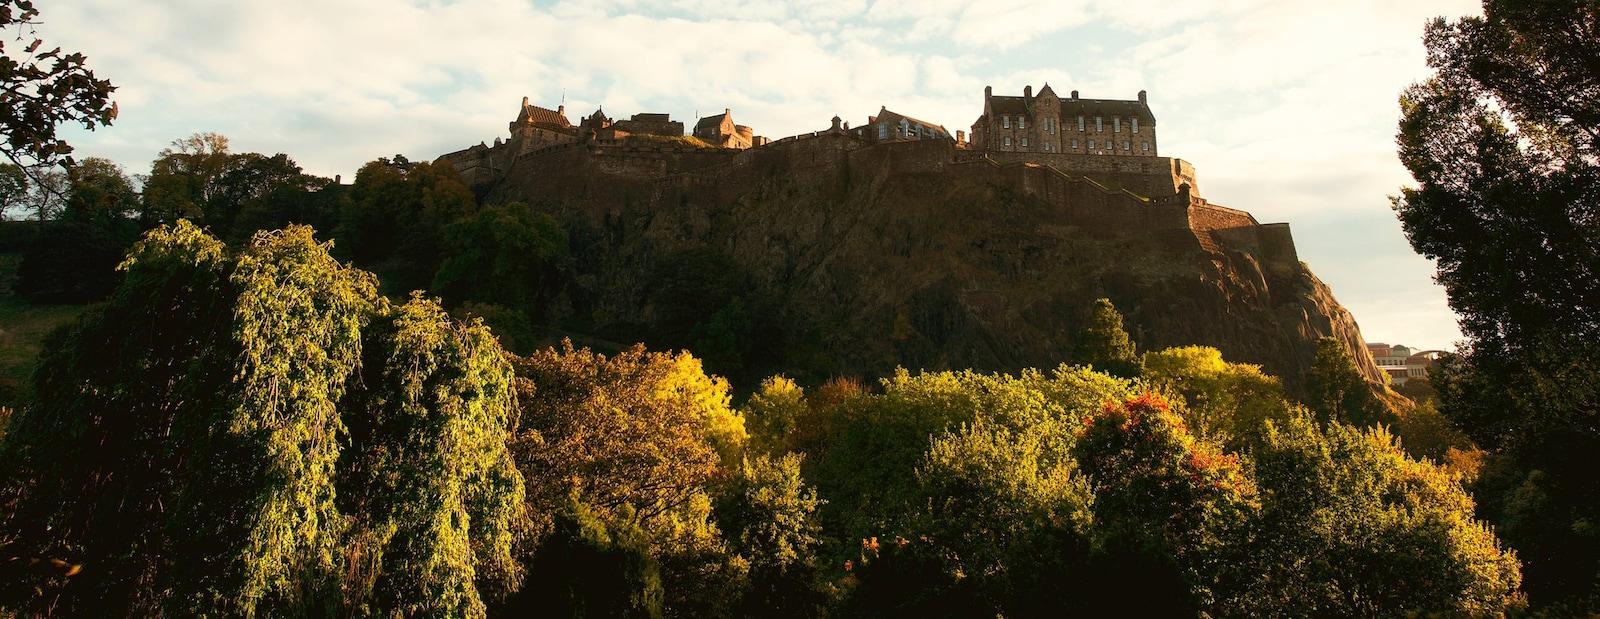 爱丁堡的度假屋